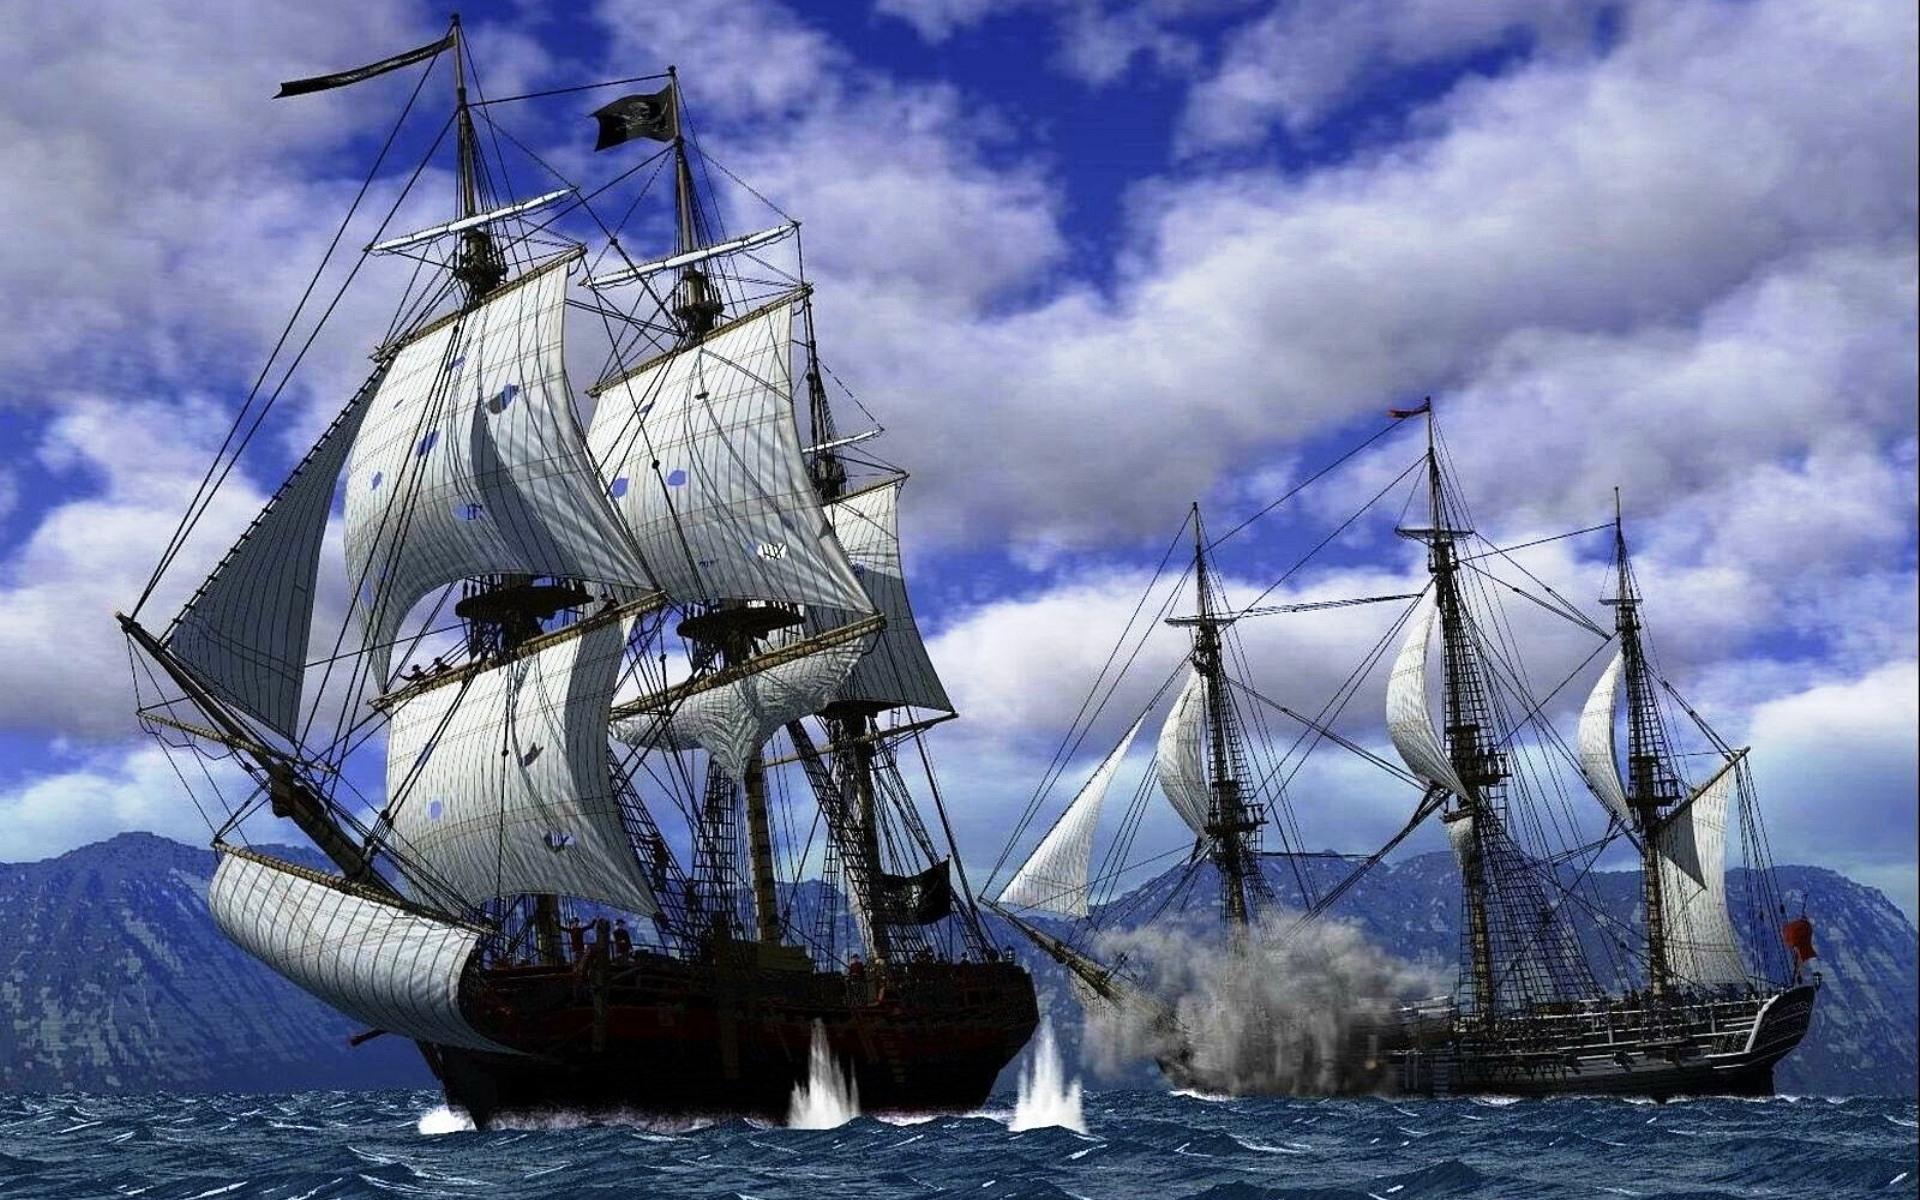 пиратский корабль картинки фото